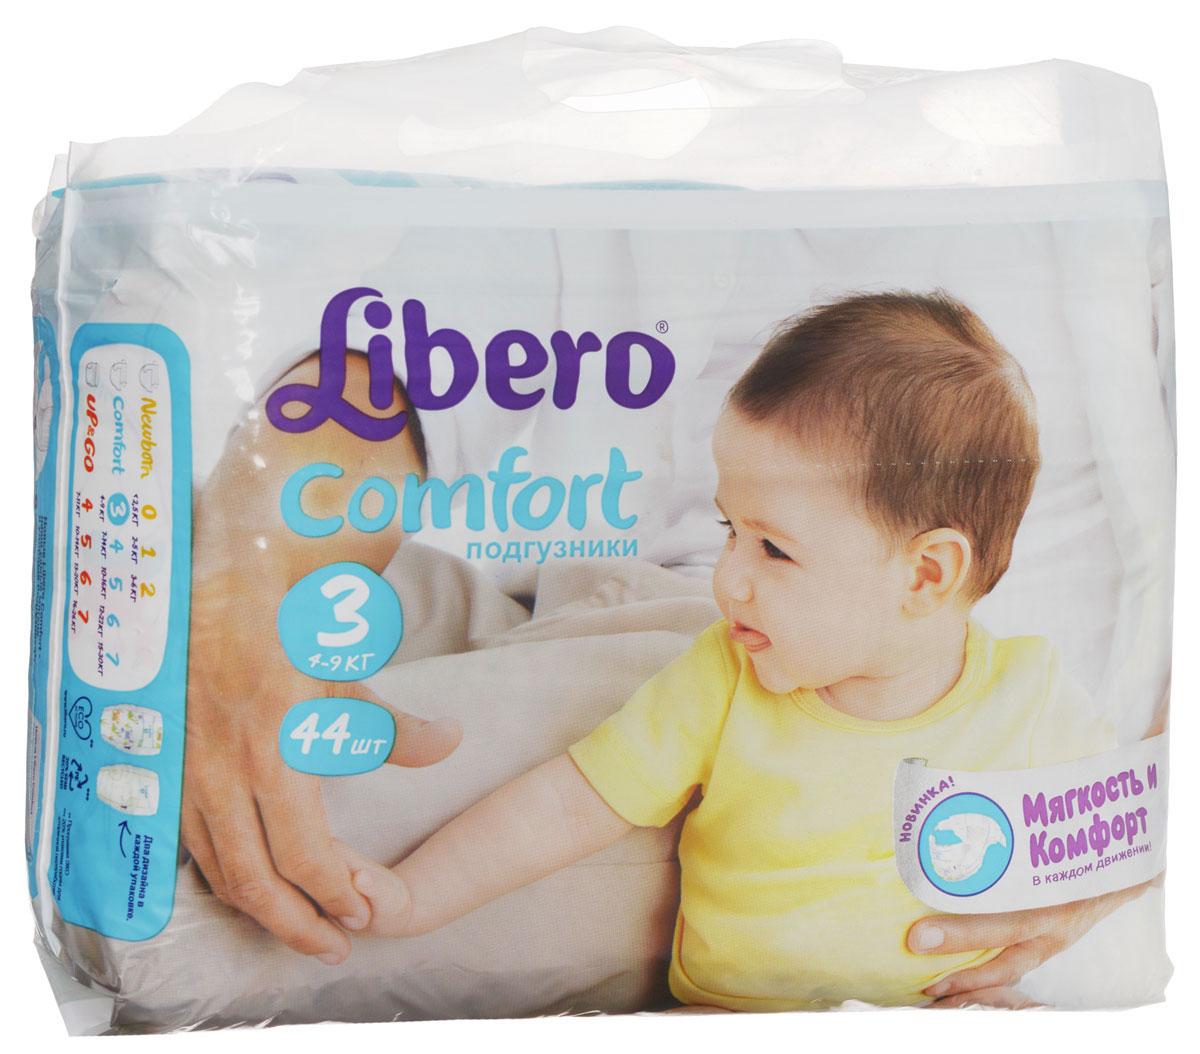 Libero Подгузники Comfort (4-9 кг) 44 шт libero comfort 3 4 9 22